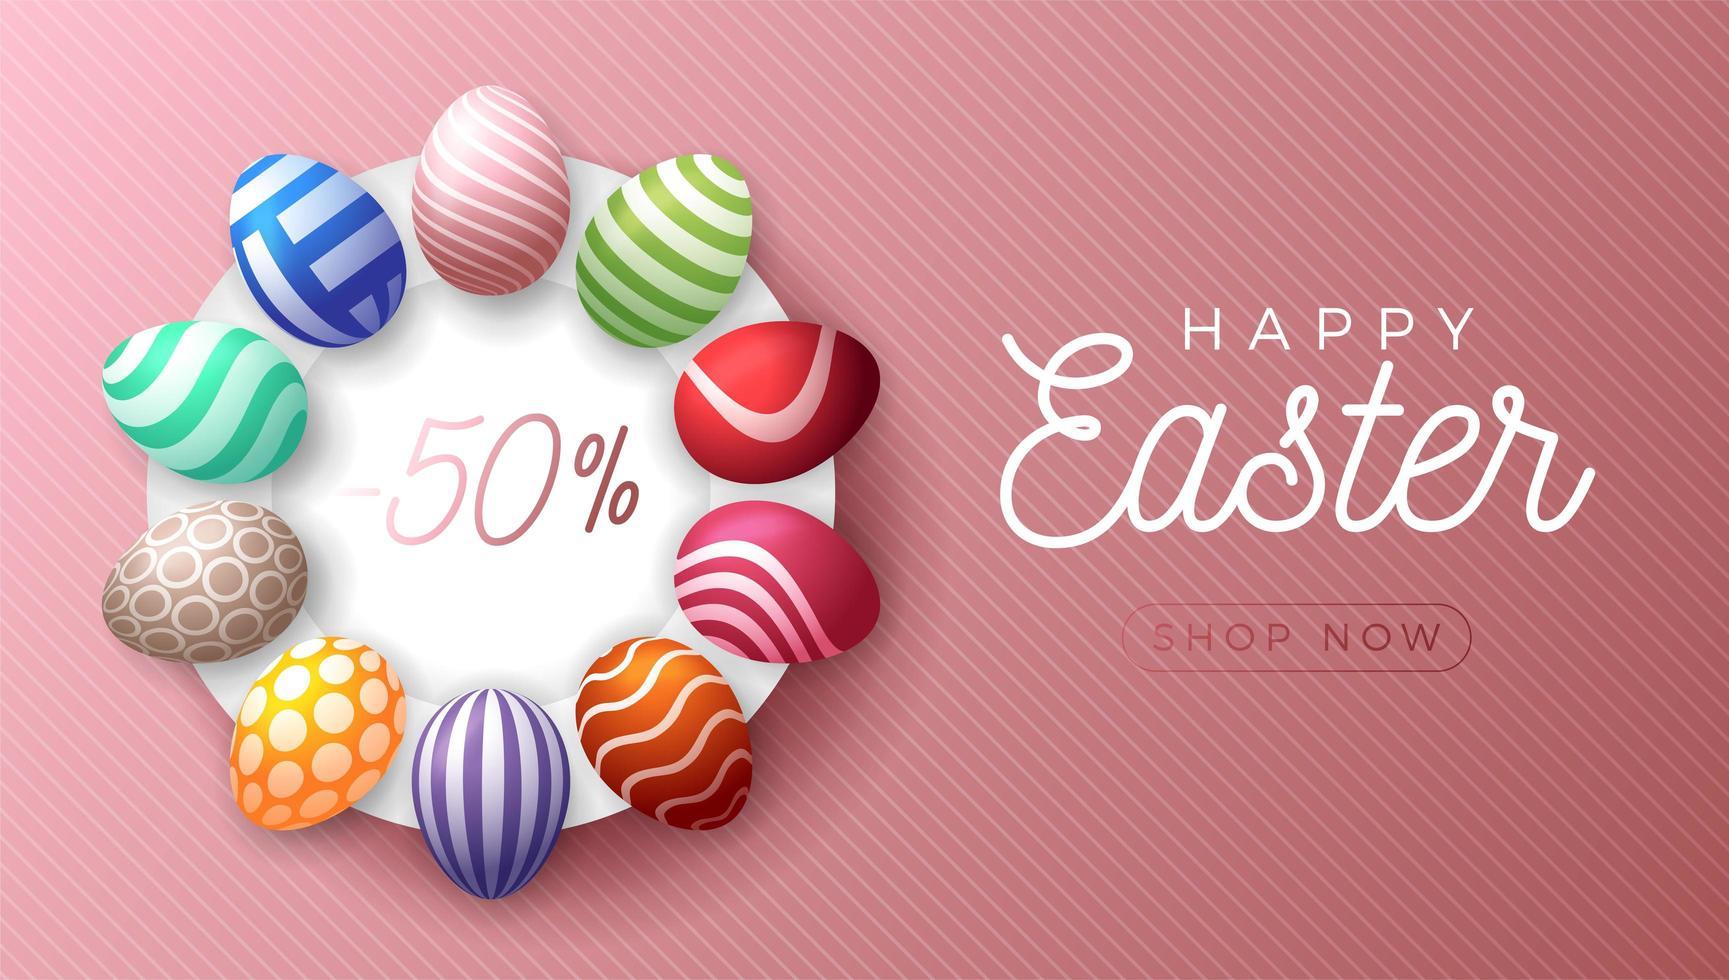 banner di vendita orizzontale uovo di Pasqua vettore